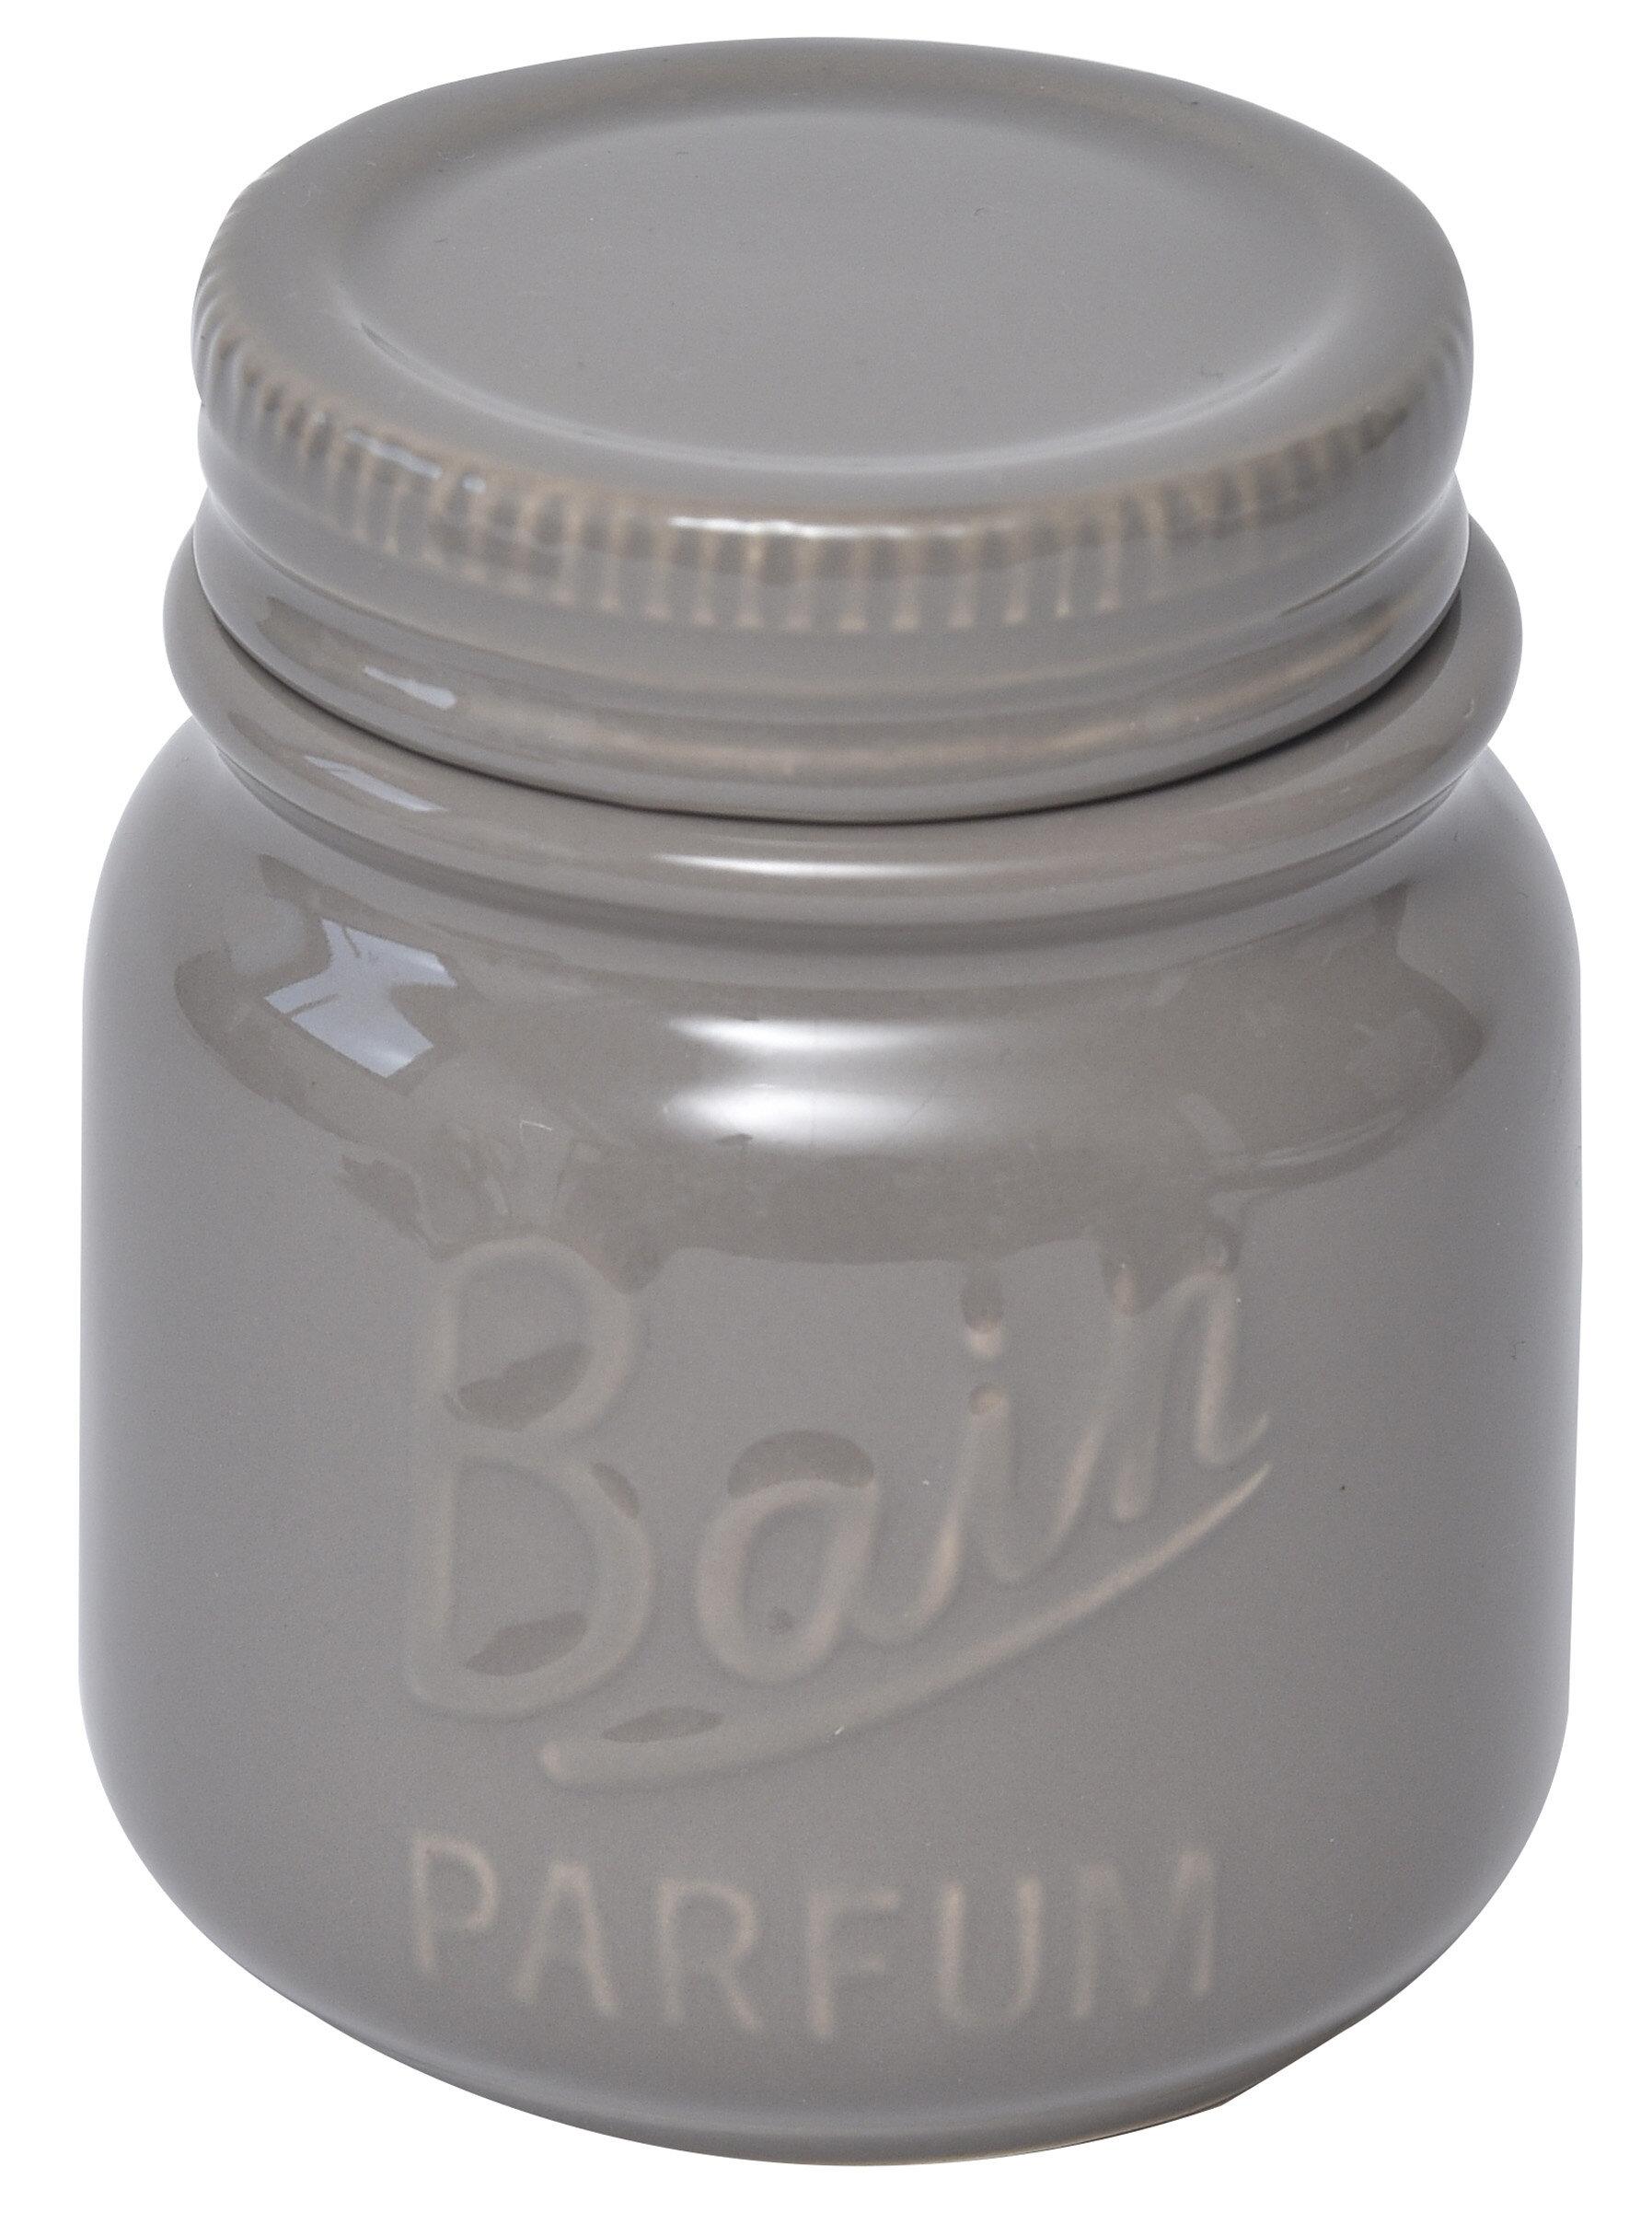 Evideco Mason Bathroom Storage Jar With Cover | Wayfair